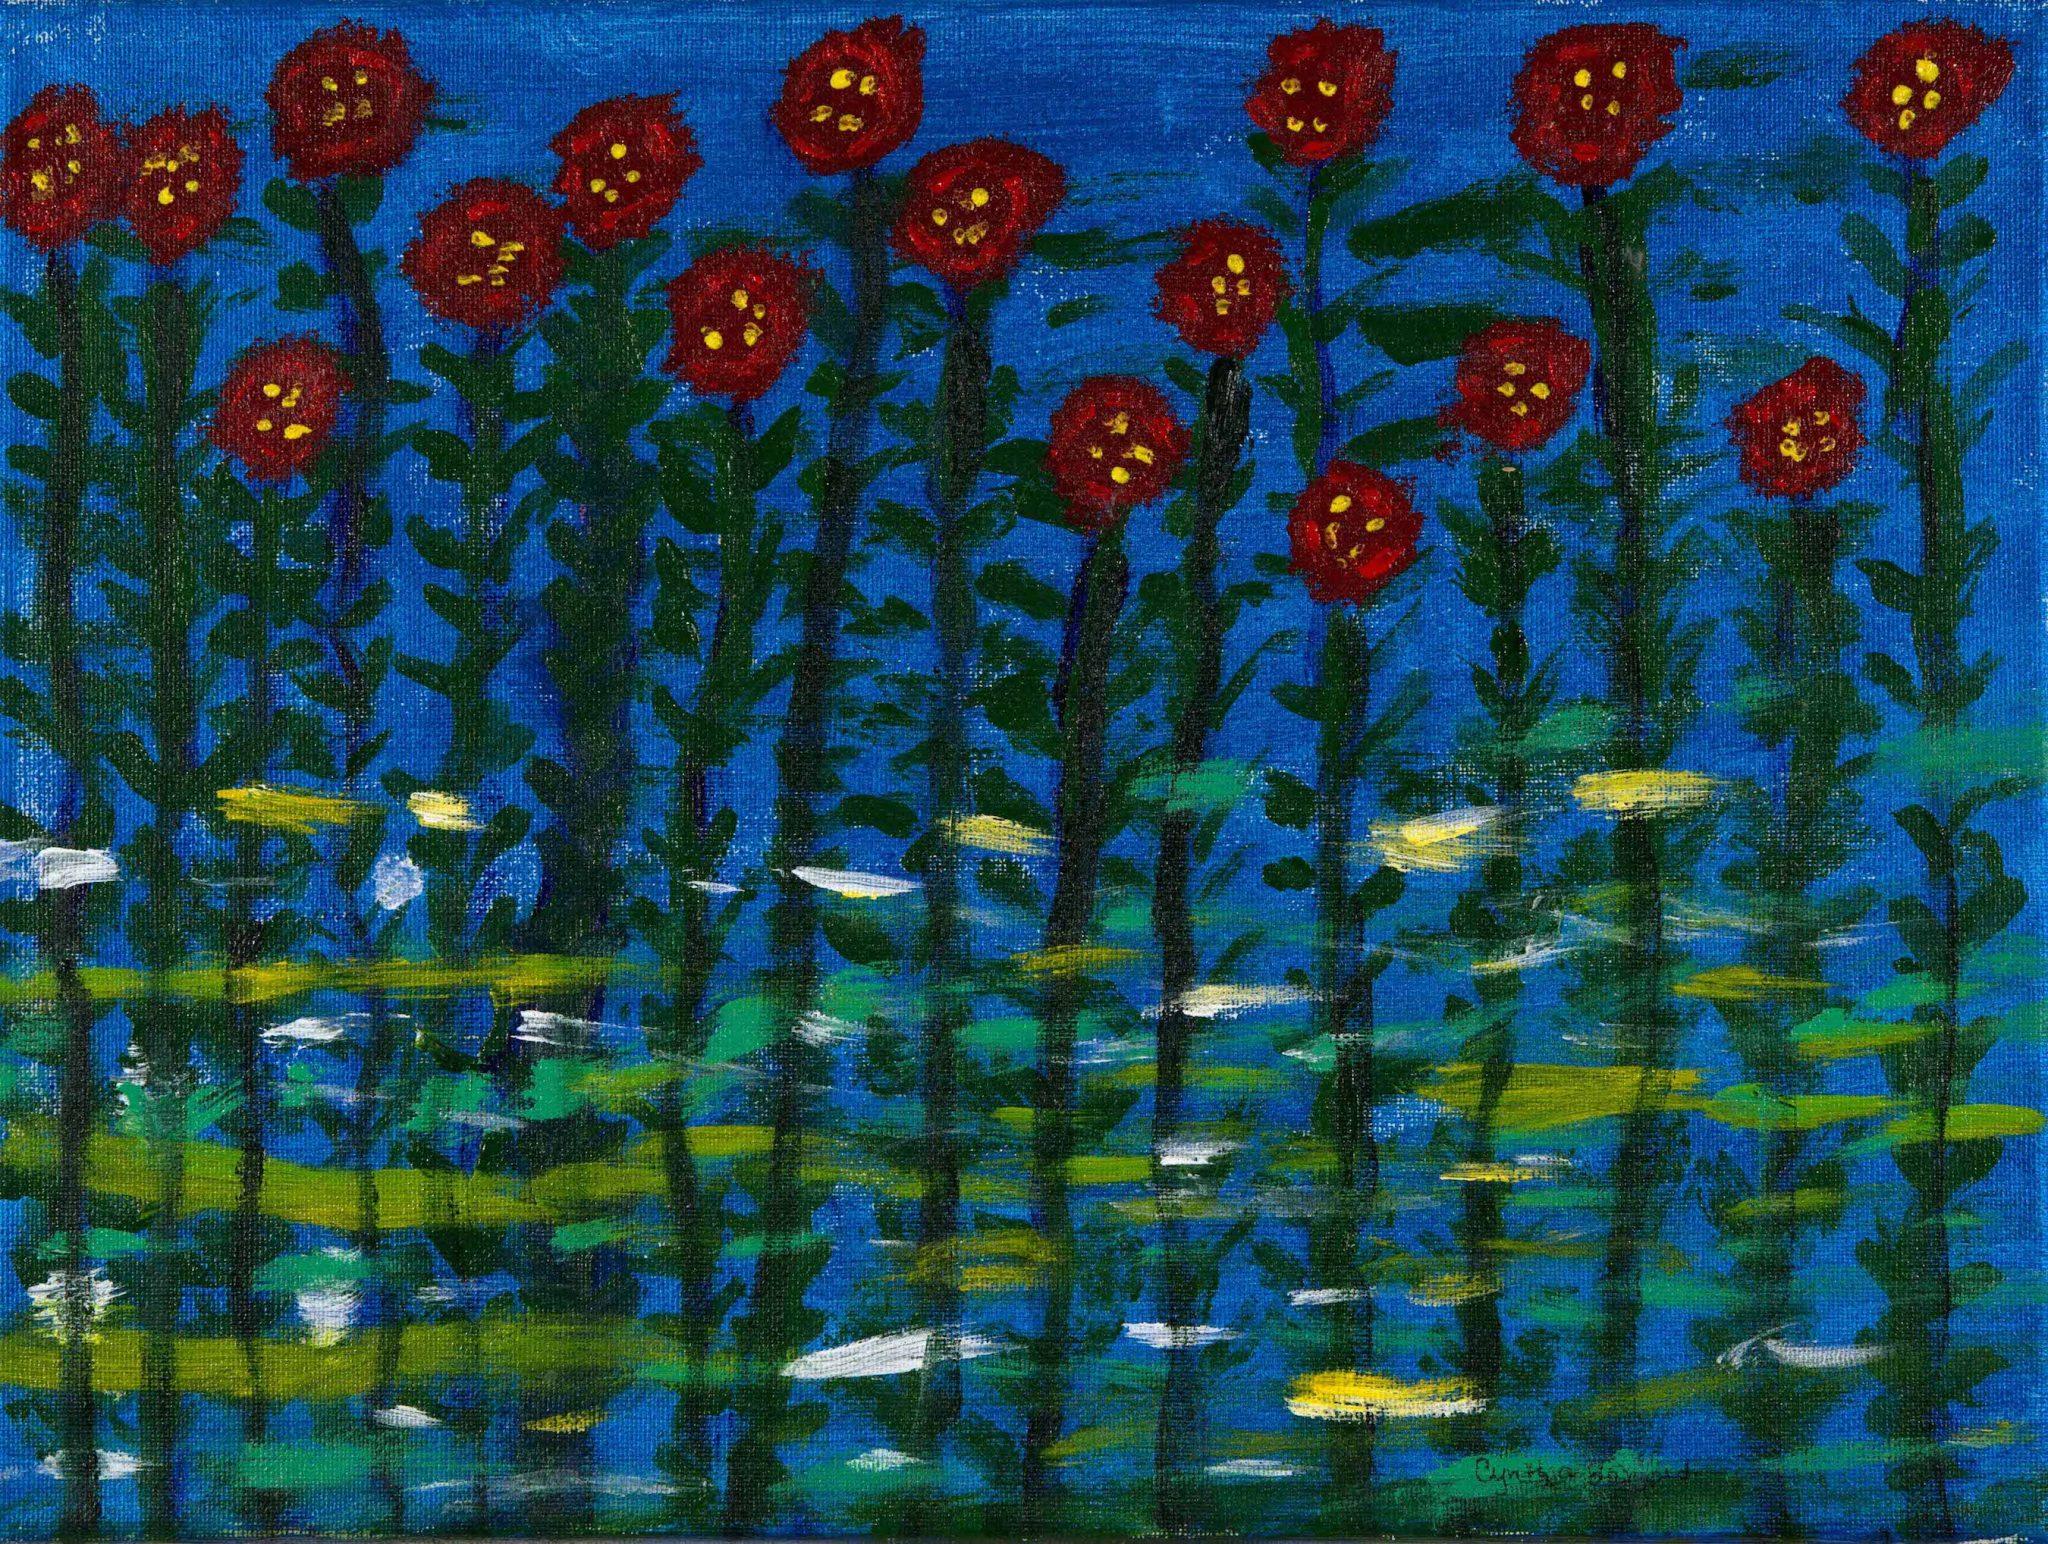 Open Canvas artist Cynthia Barnard